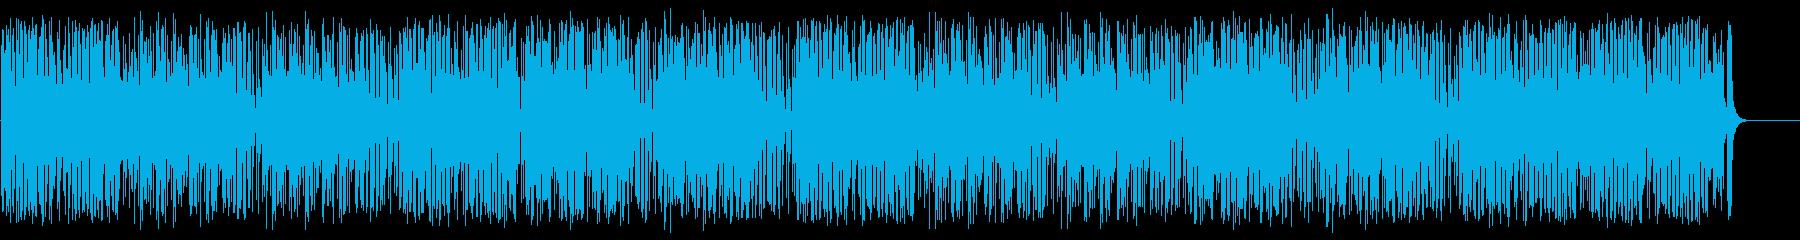 エネルギッシュで疾走感ある南国曲の再生済みの波形